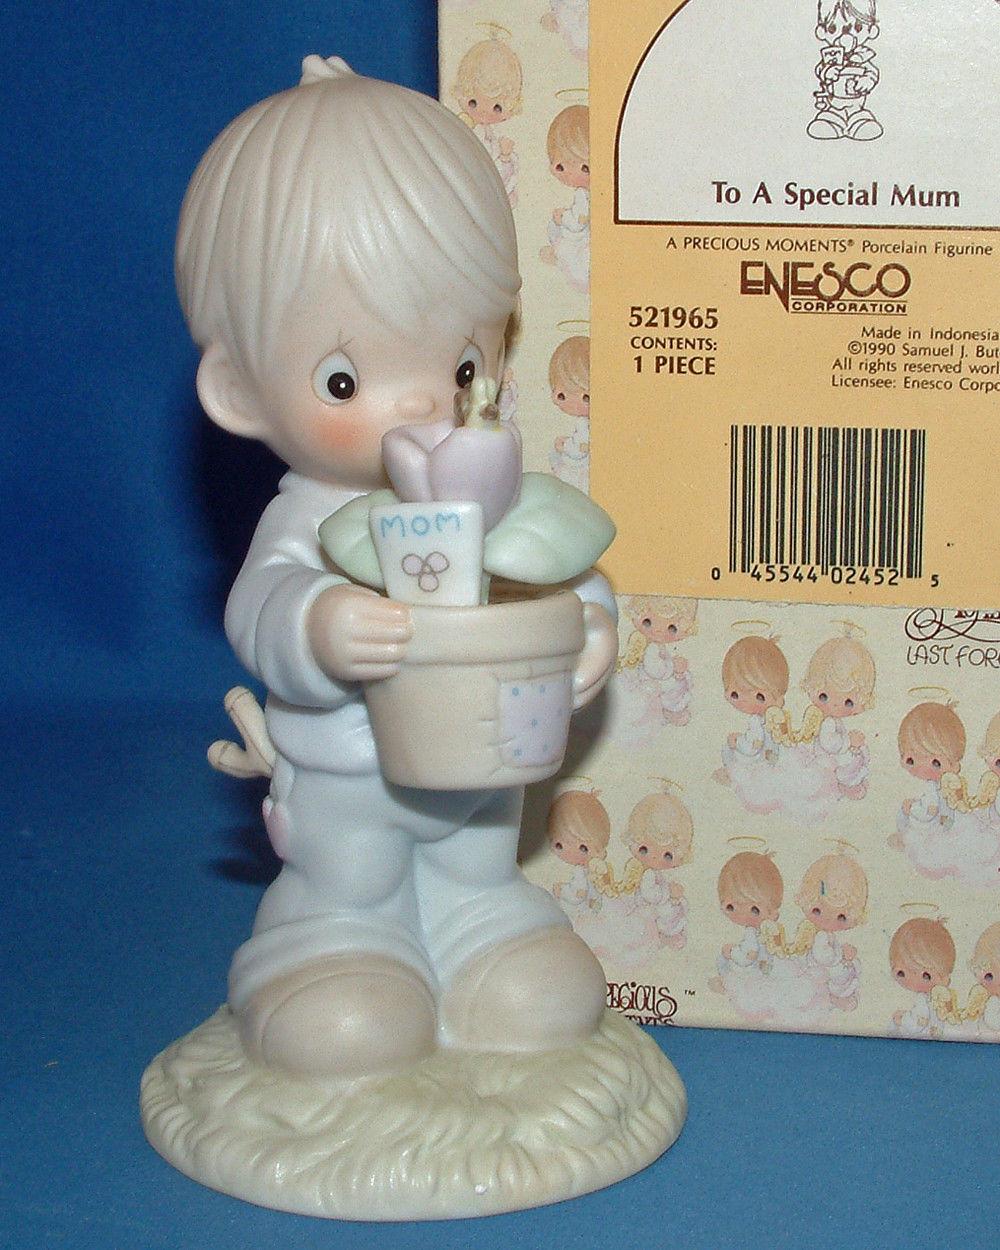 521965 MIB 521965 To A Special Mum Precious Moment Figurine